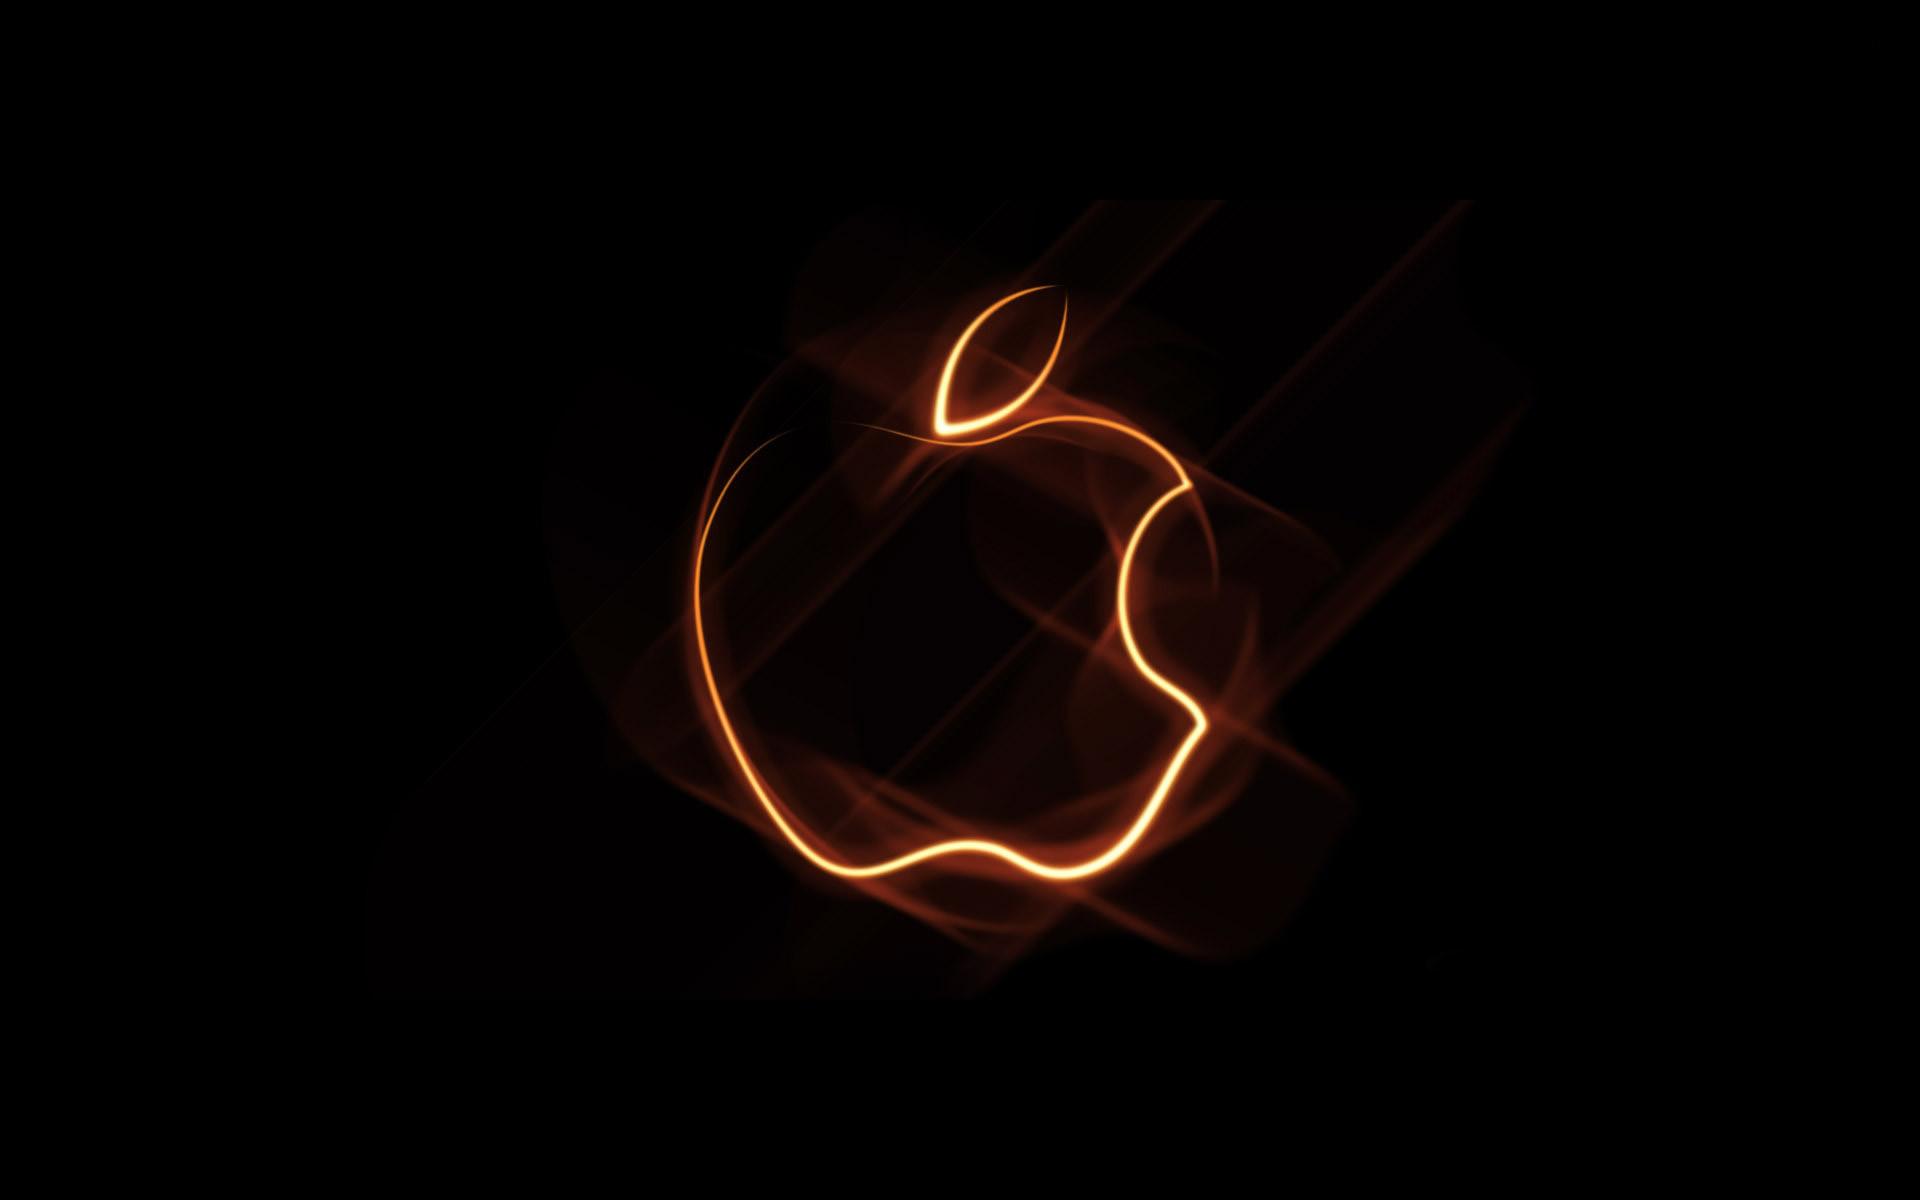 Apple ainda é a marca mais valiosa no mundo